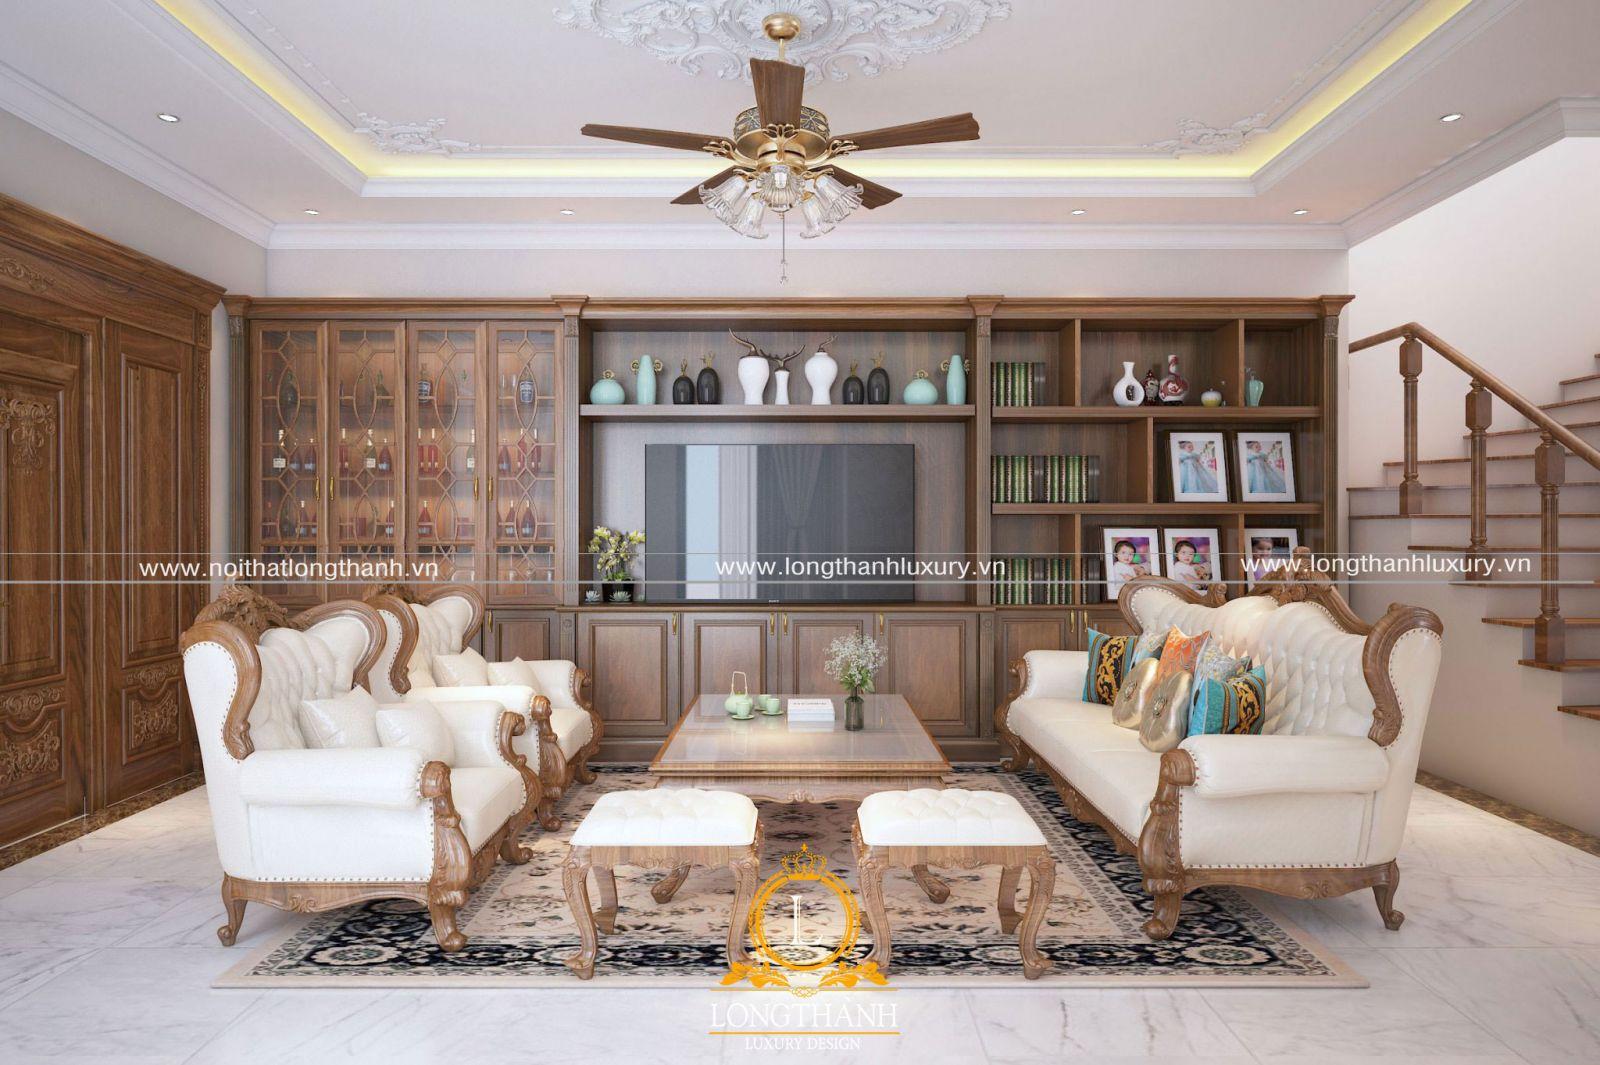 Phòng khách tân cổ điển sở hữu họa tiết hoa văn nhẹ nhàng, mềm mại